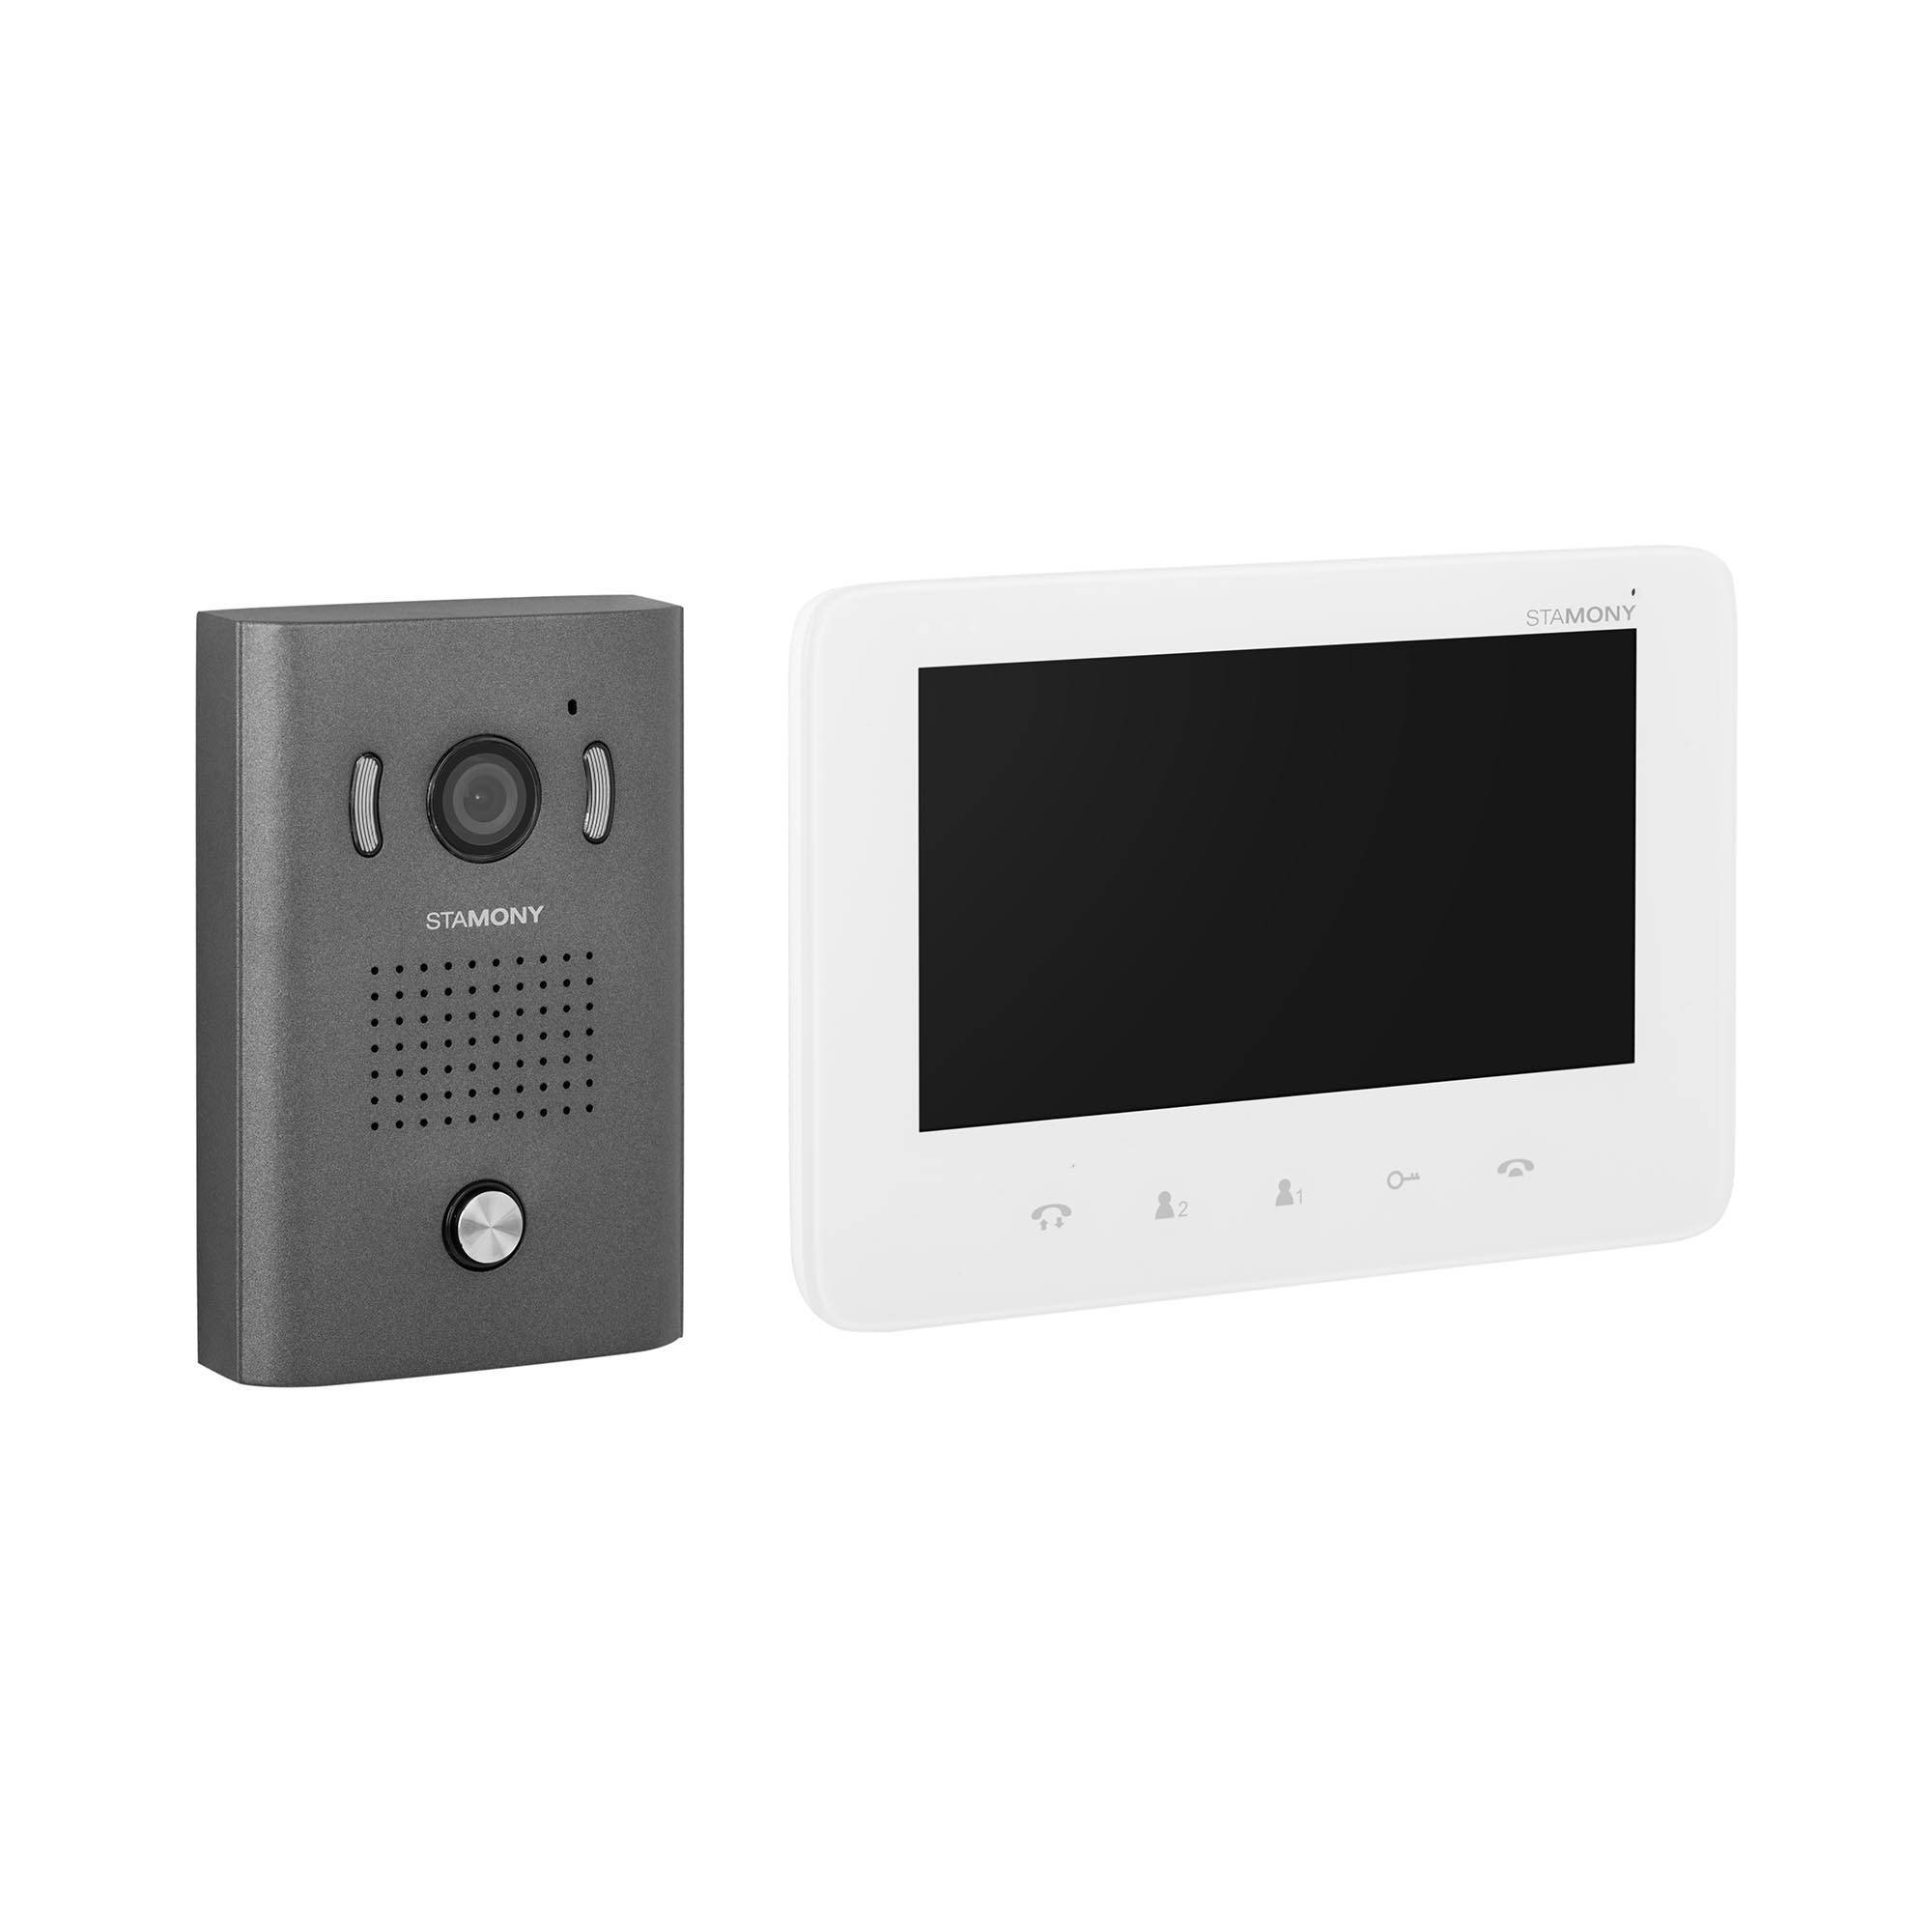 stamony kit videocitofono bifamiliare - 1 monitor - display 17,8 cm - telecamera esterna, apriporta e apricancello st-vp-400